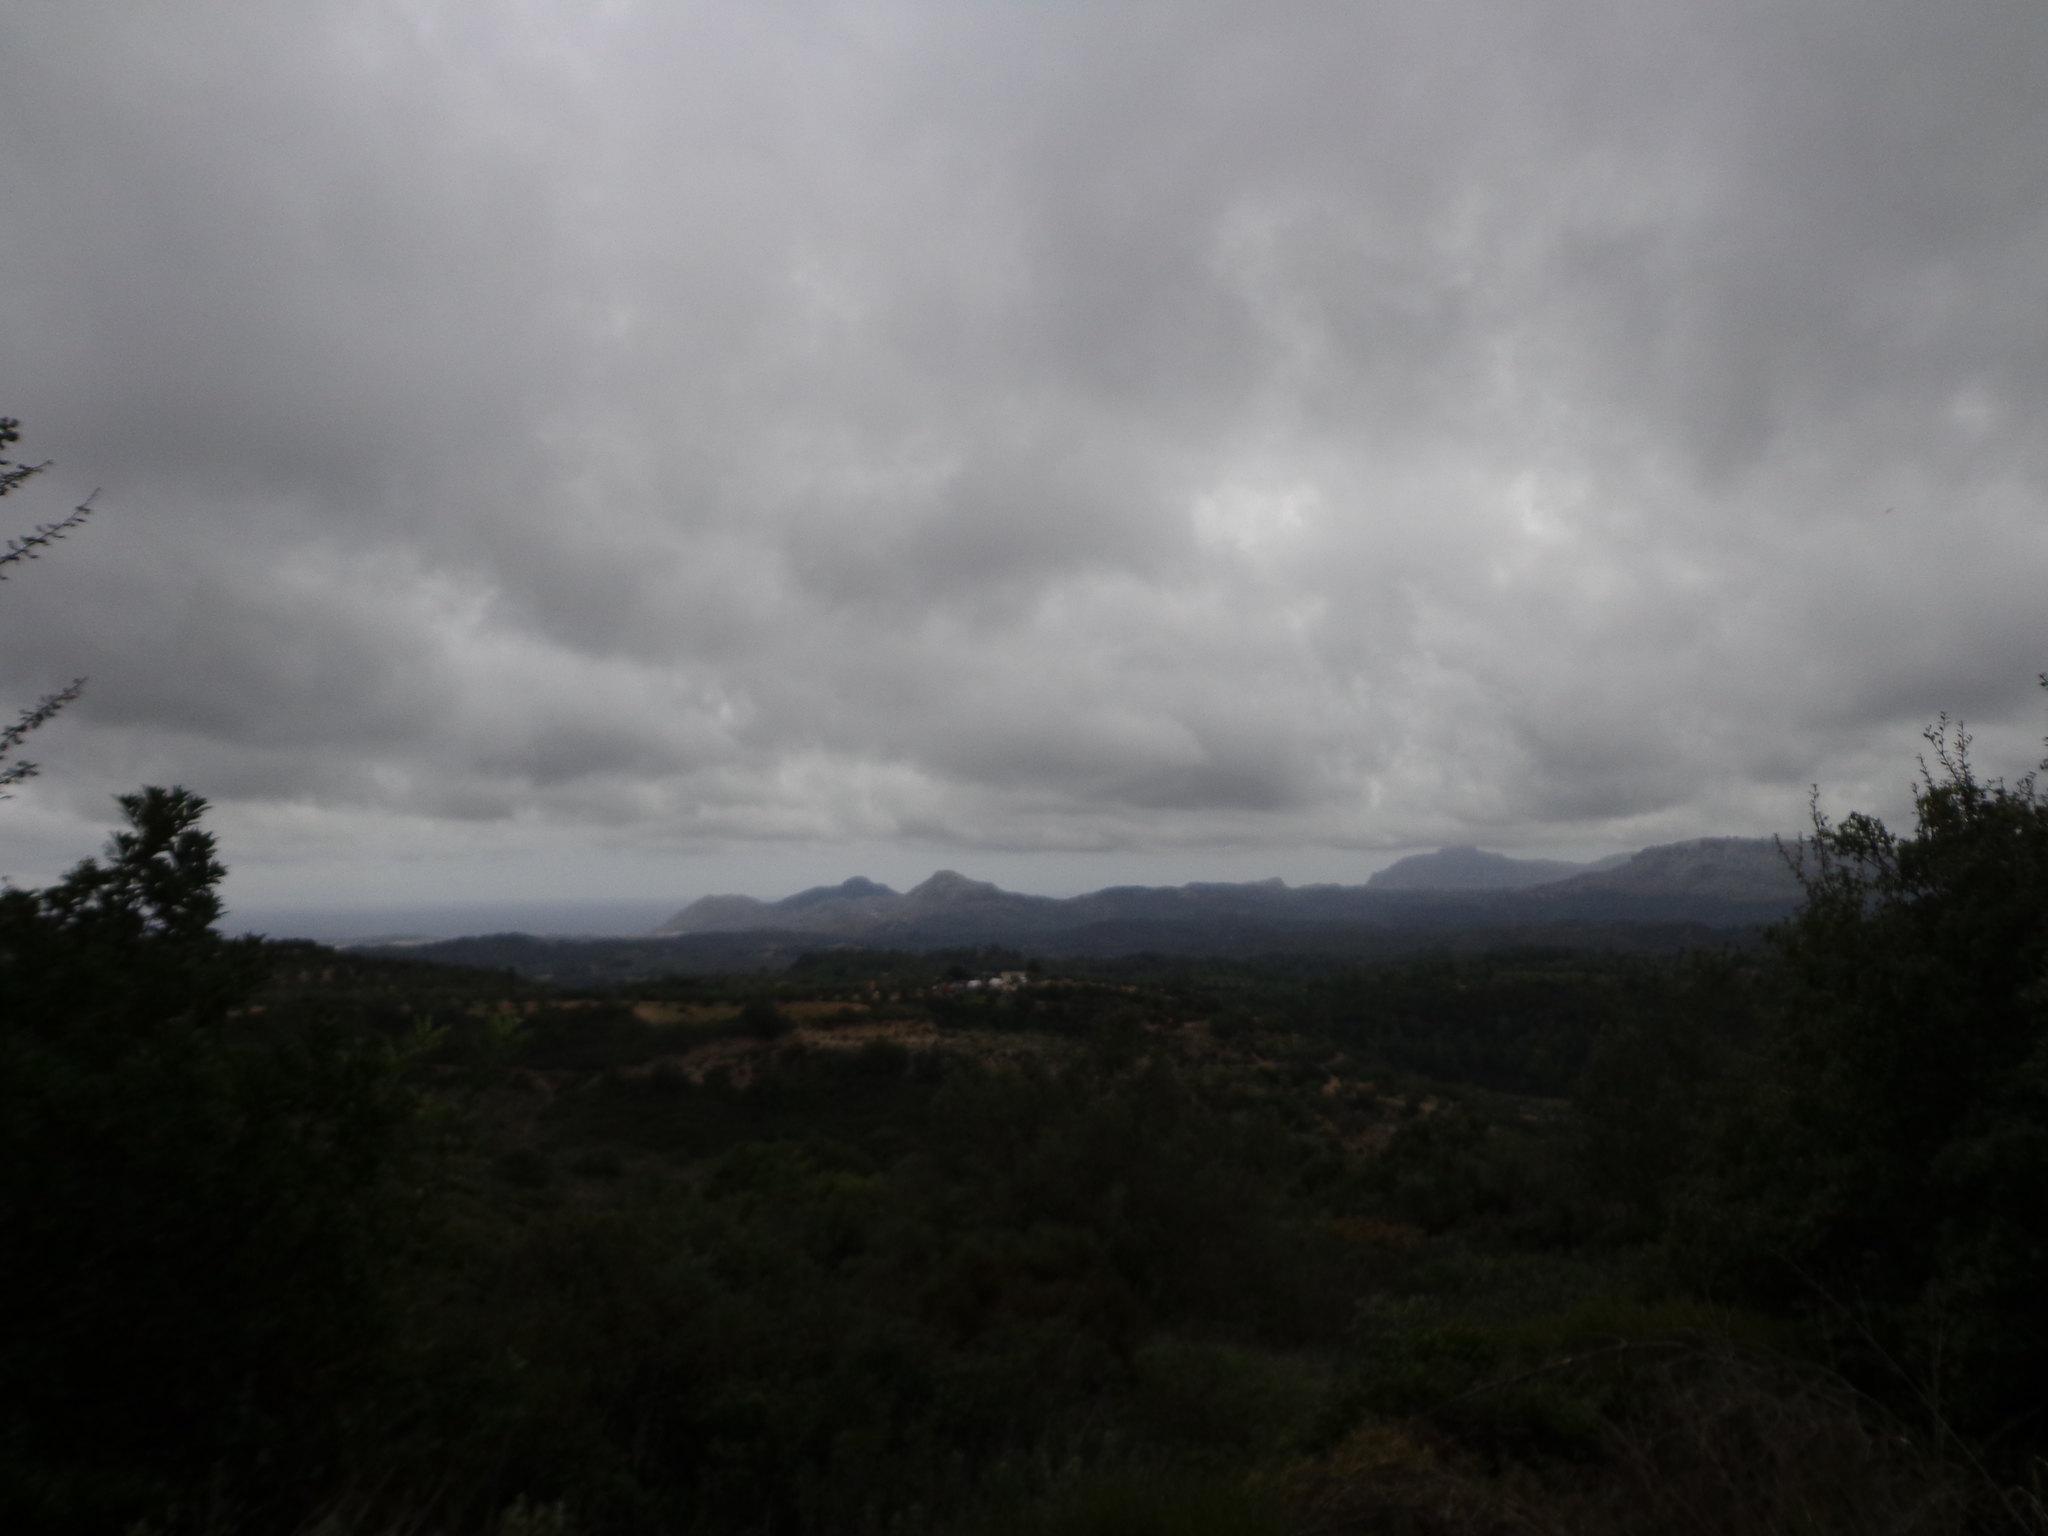 Συννεφιά, Ψίνθος